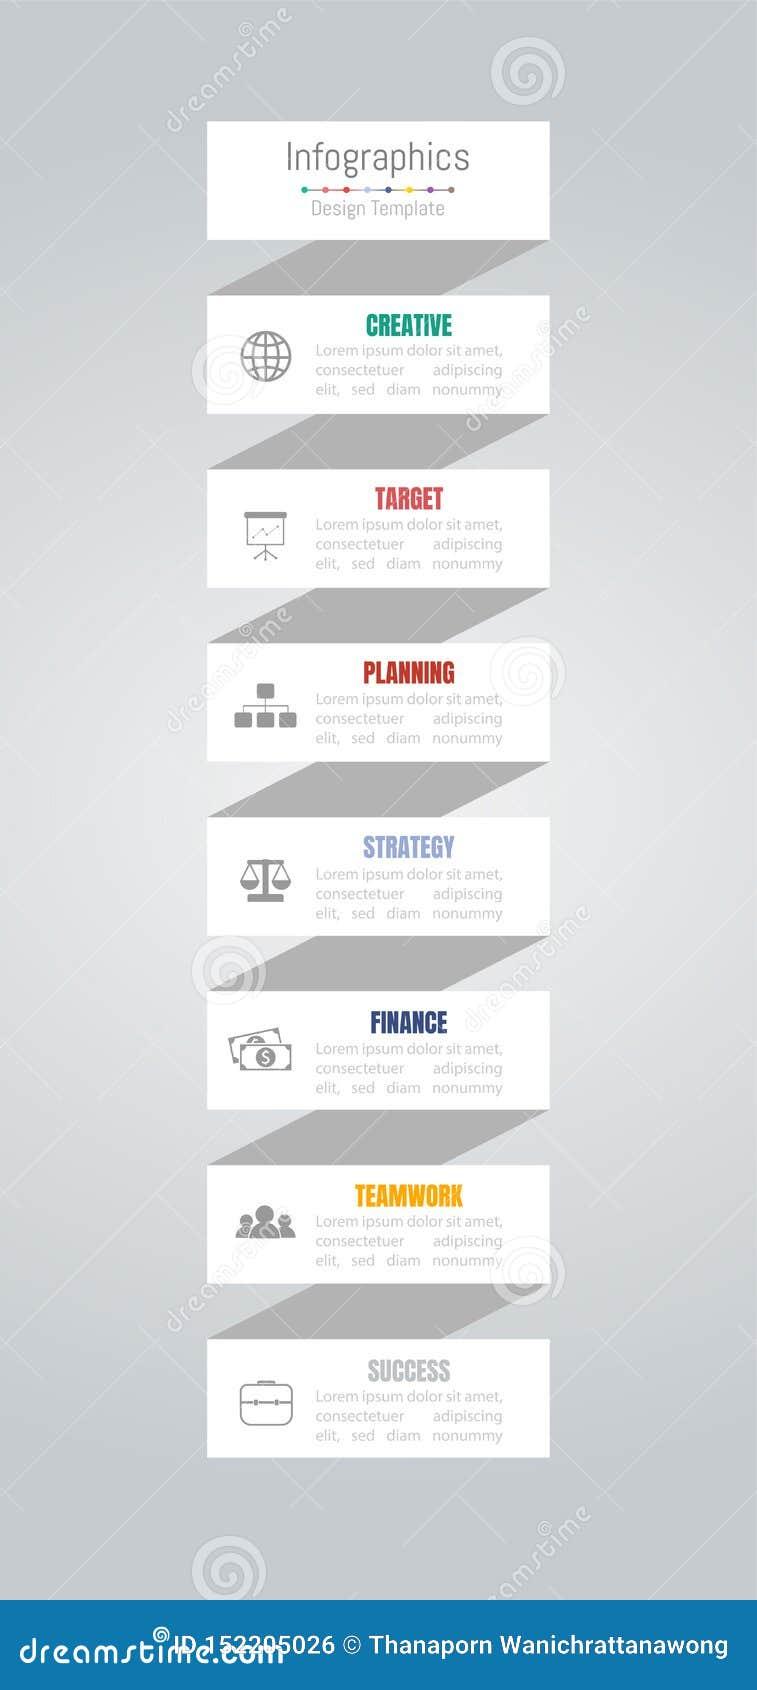 Infographic-Gestaltungselemente f?r Ihre kommerziellen Daten mit 7 Wahlen, Teilen, Schritten, Zeitachsen oder Prozessen Vektor